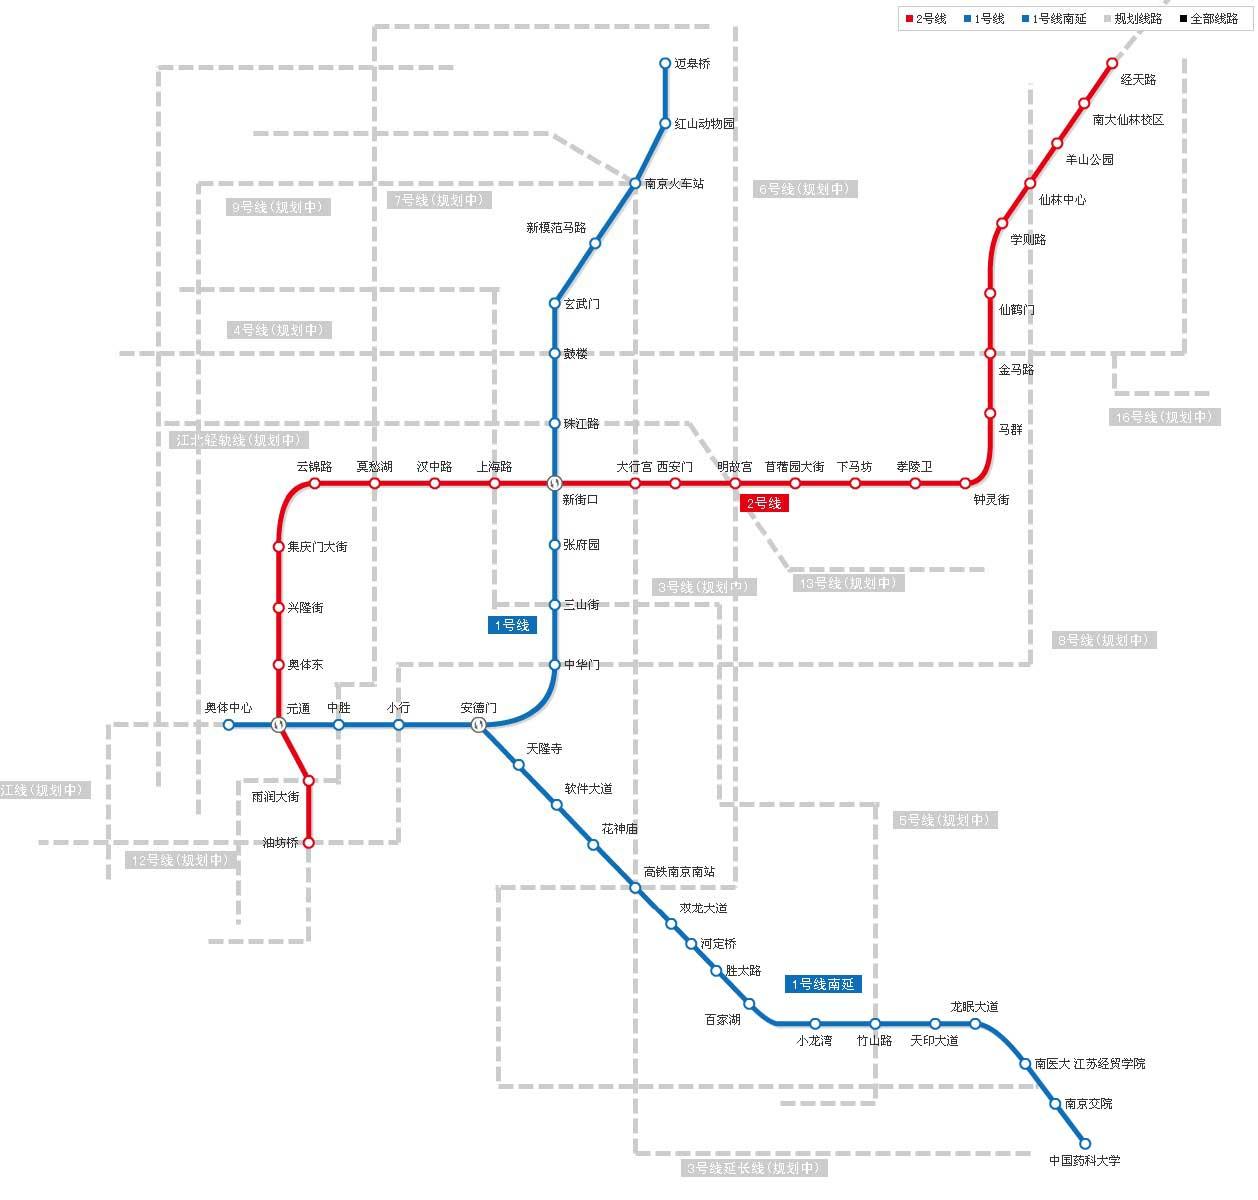 南京地铁线路图2017最新版图片